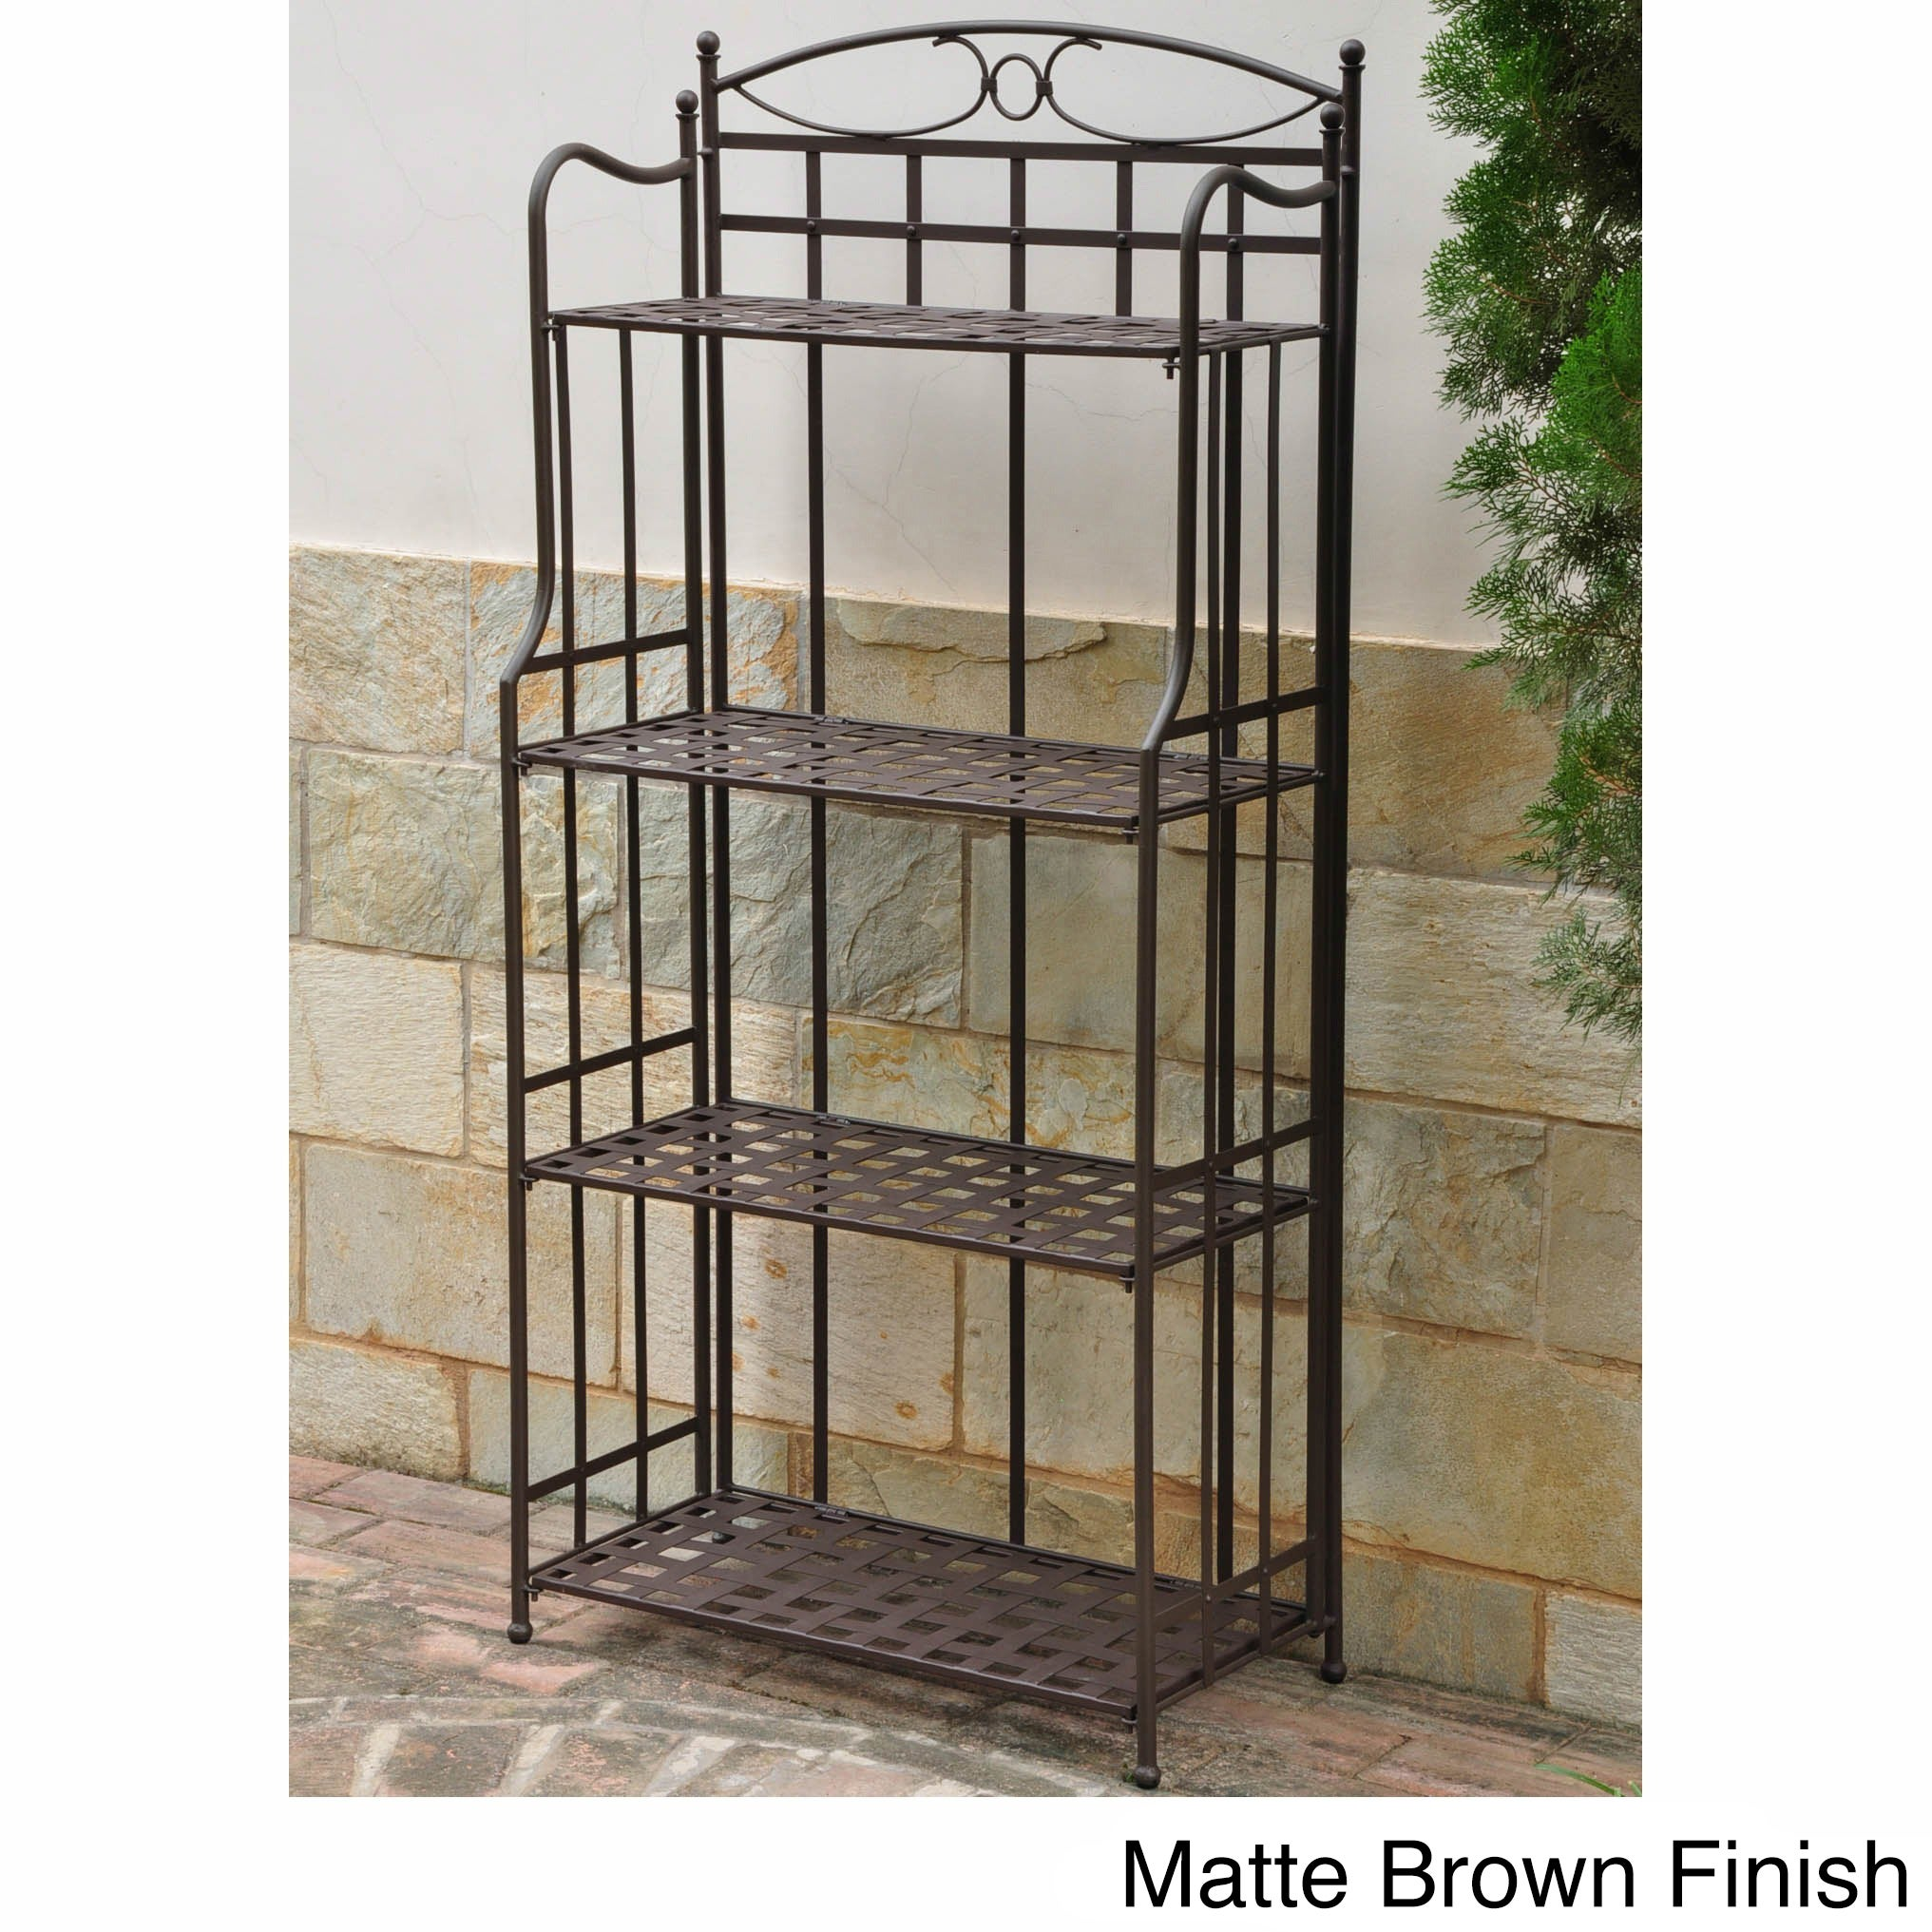 4 Tier Bakers Rack Metal Plant Shelf Stand Indoor Outdoor Antique Black Finish